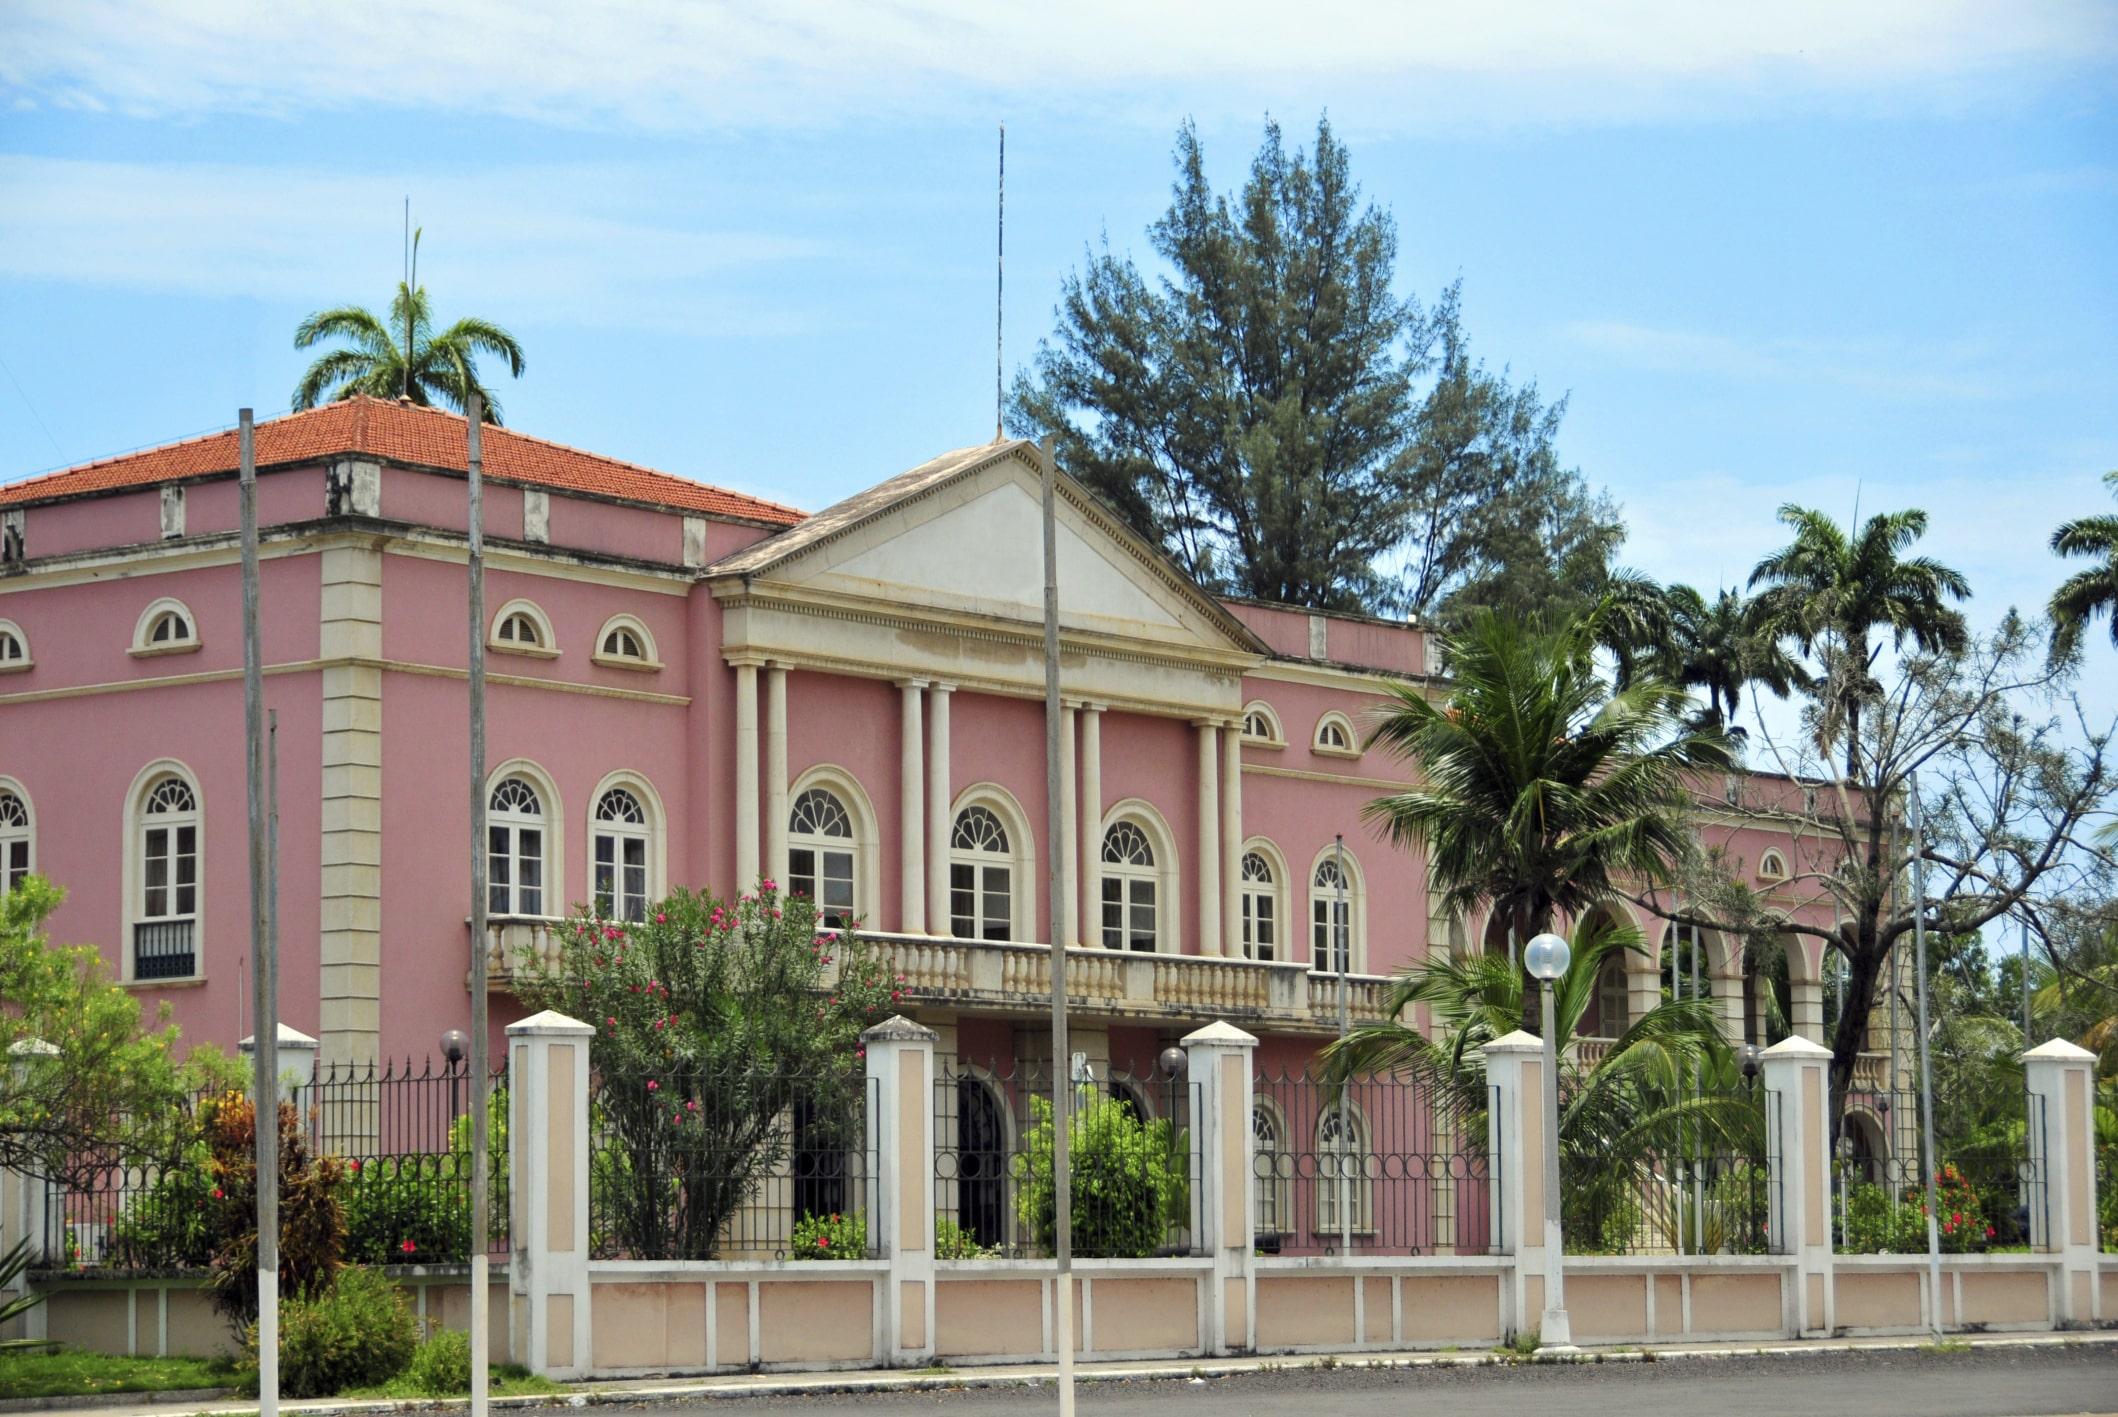 Kolonialhaus - Sao Tome Reise